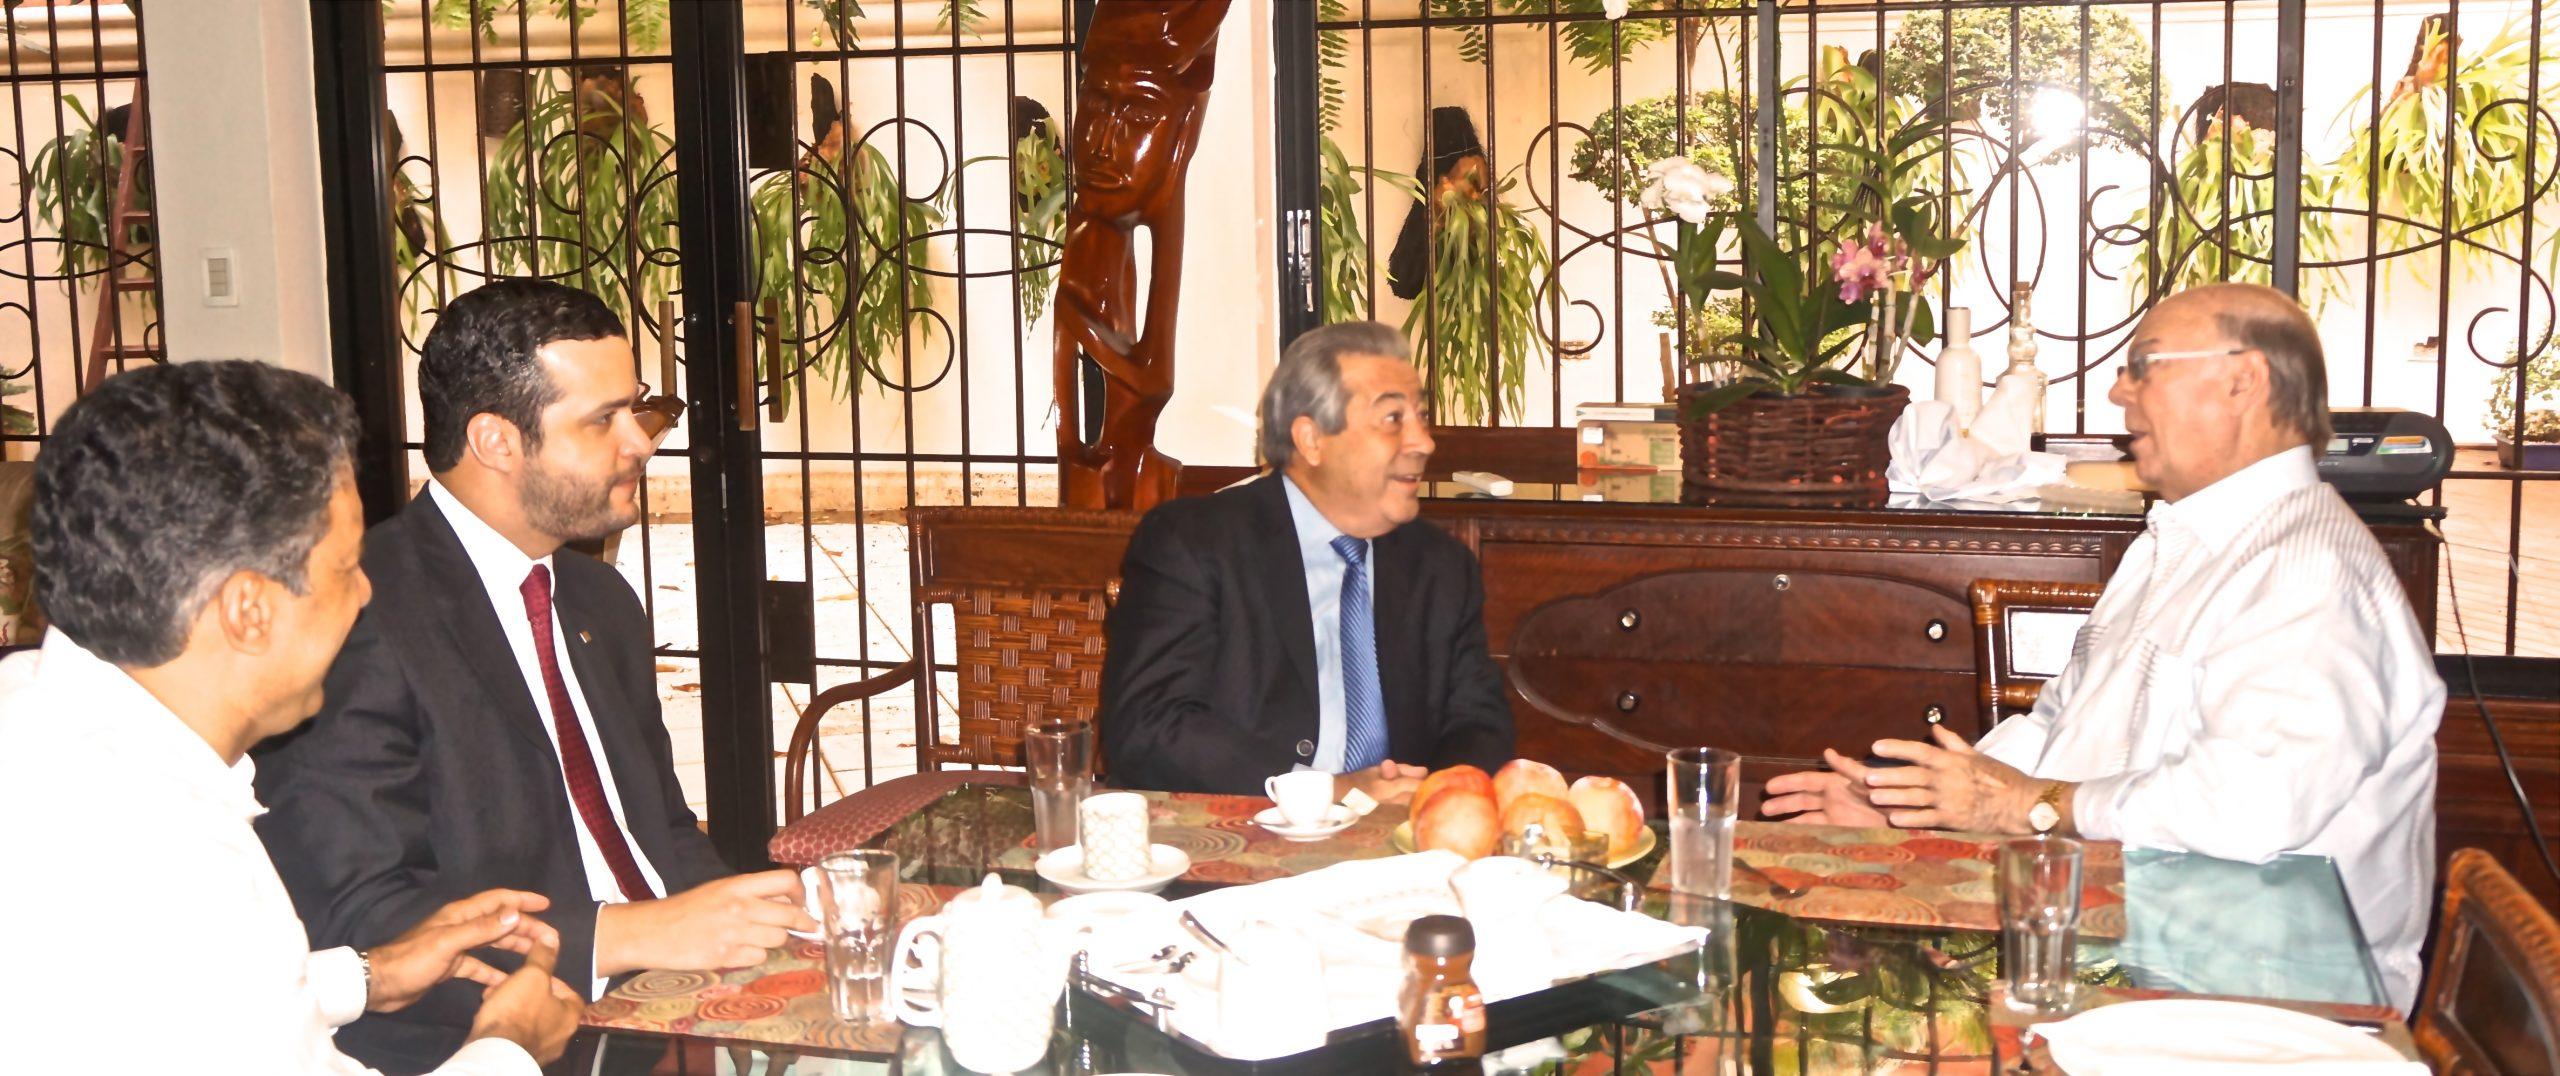 Rafael Blanco Canto fue recibido por Hipólito Mejía en su residencia./elDinero